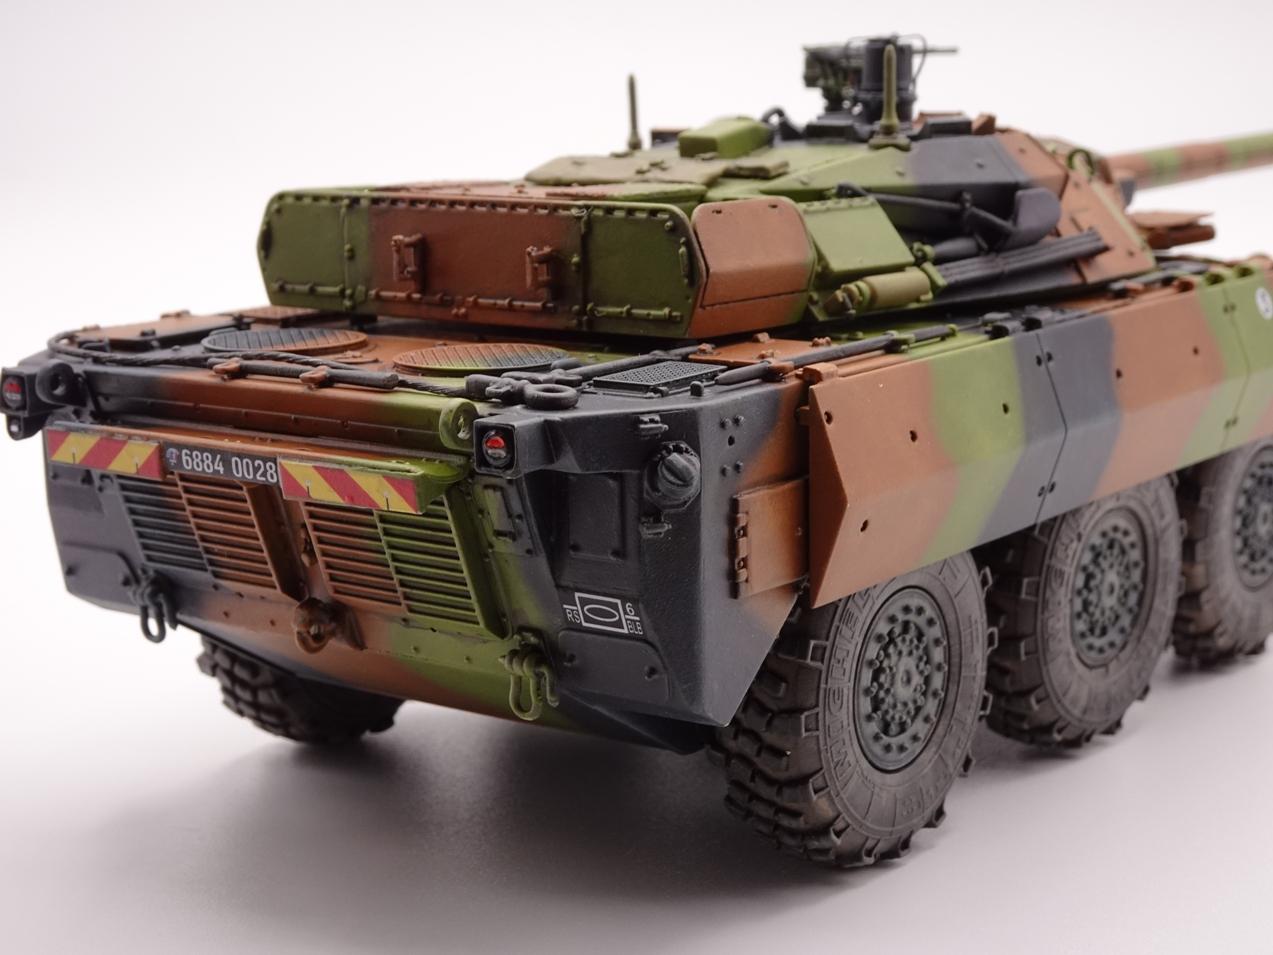 [Tiger Model] AMX-10RCR réf. 4602 - 1/35 - Page 4 Amx10-fin-8